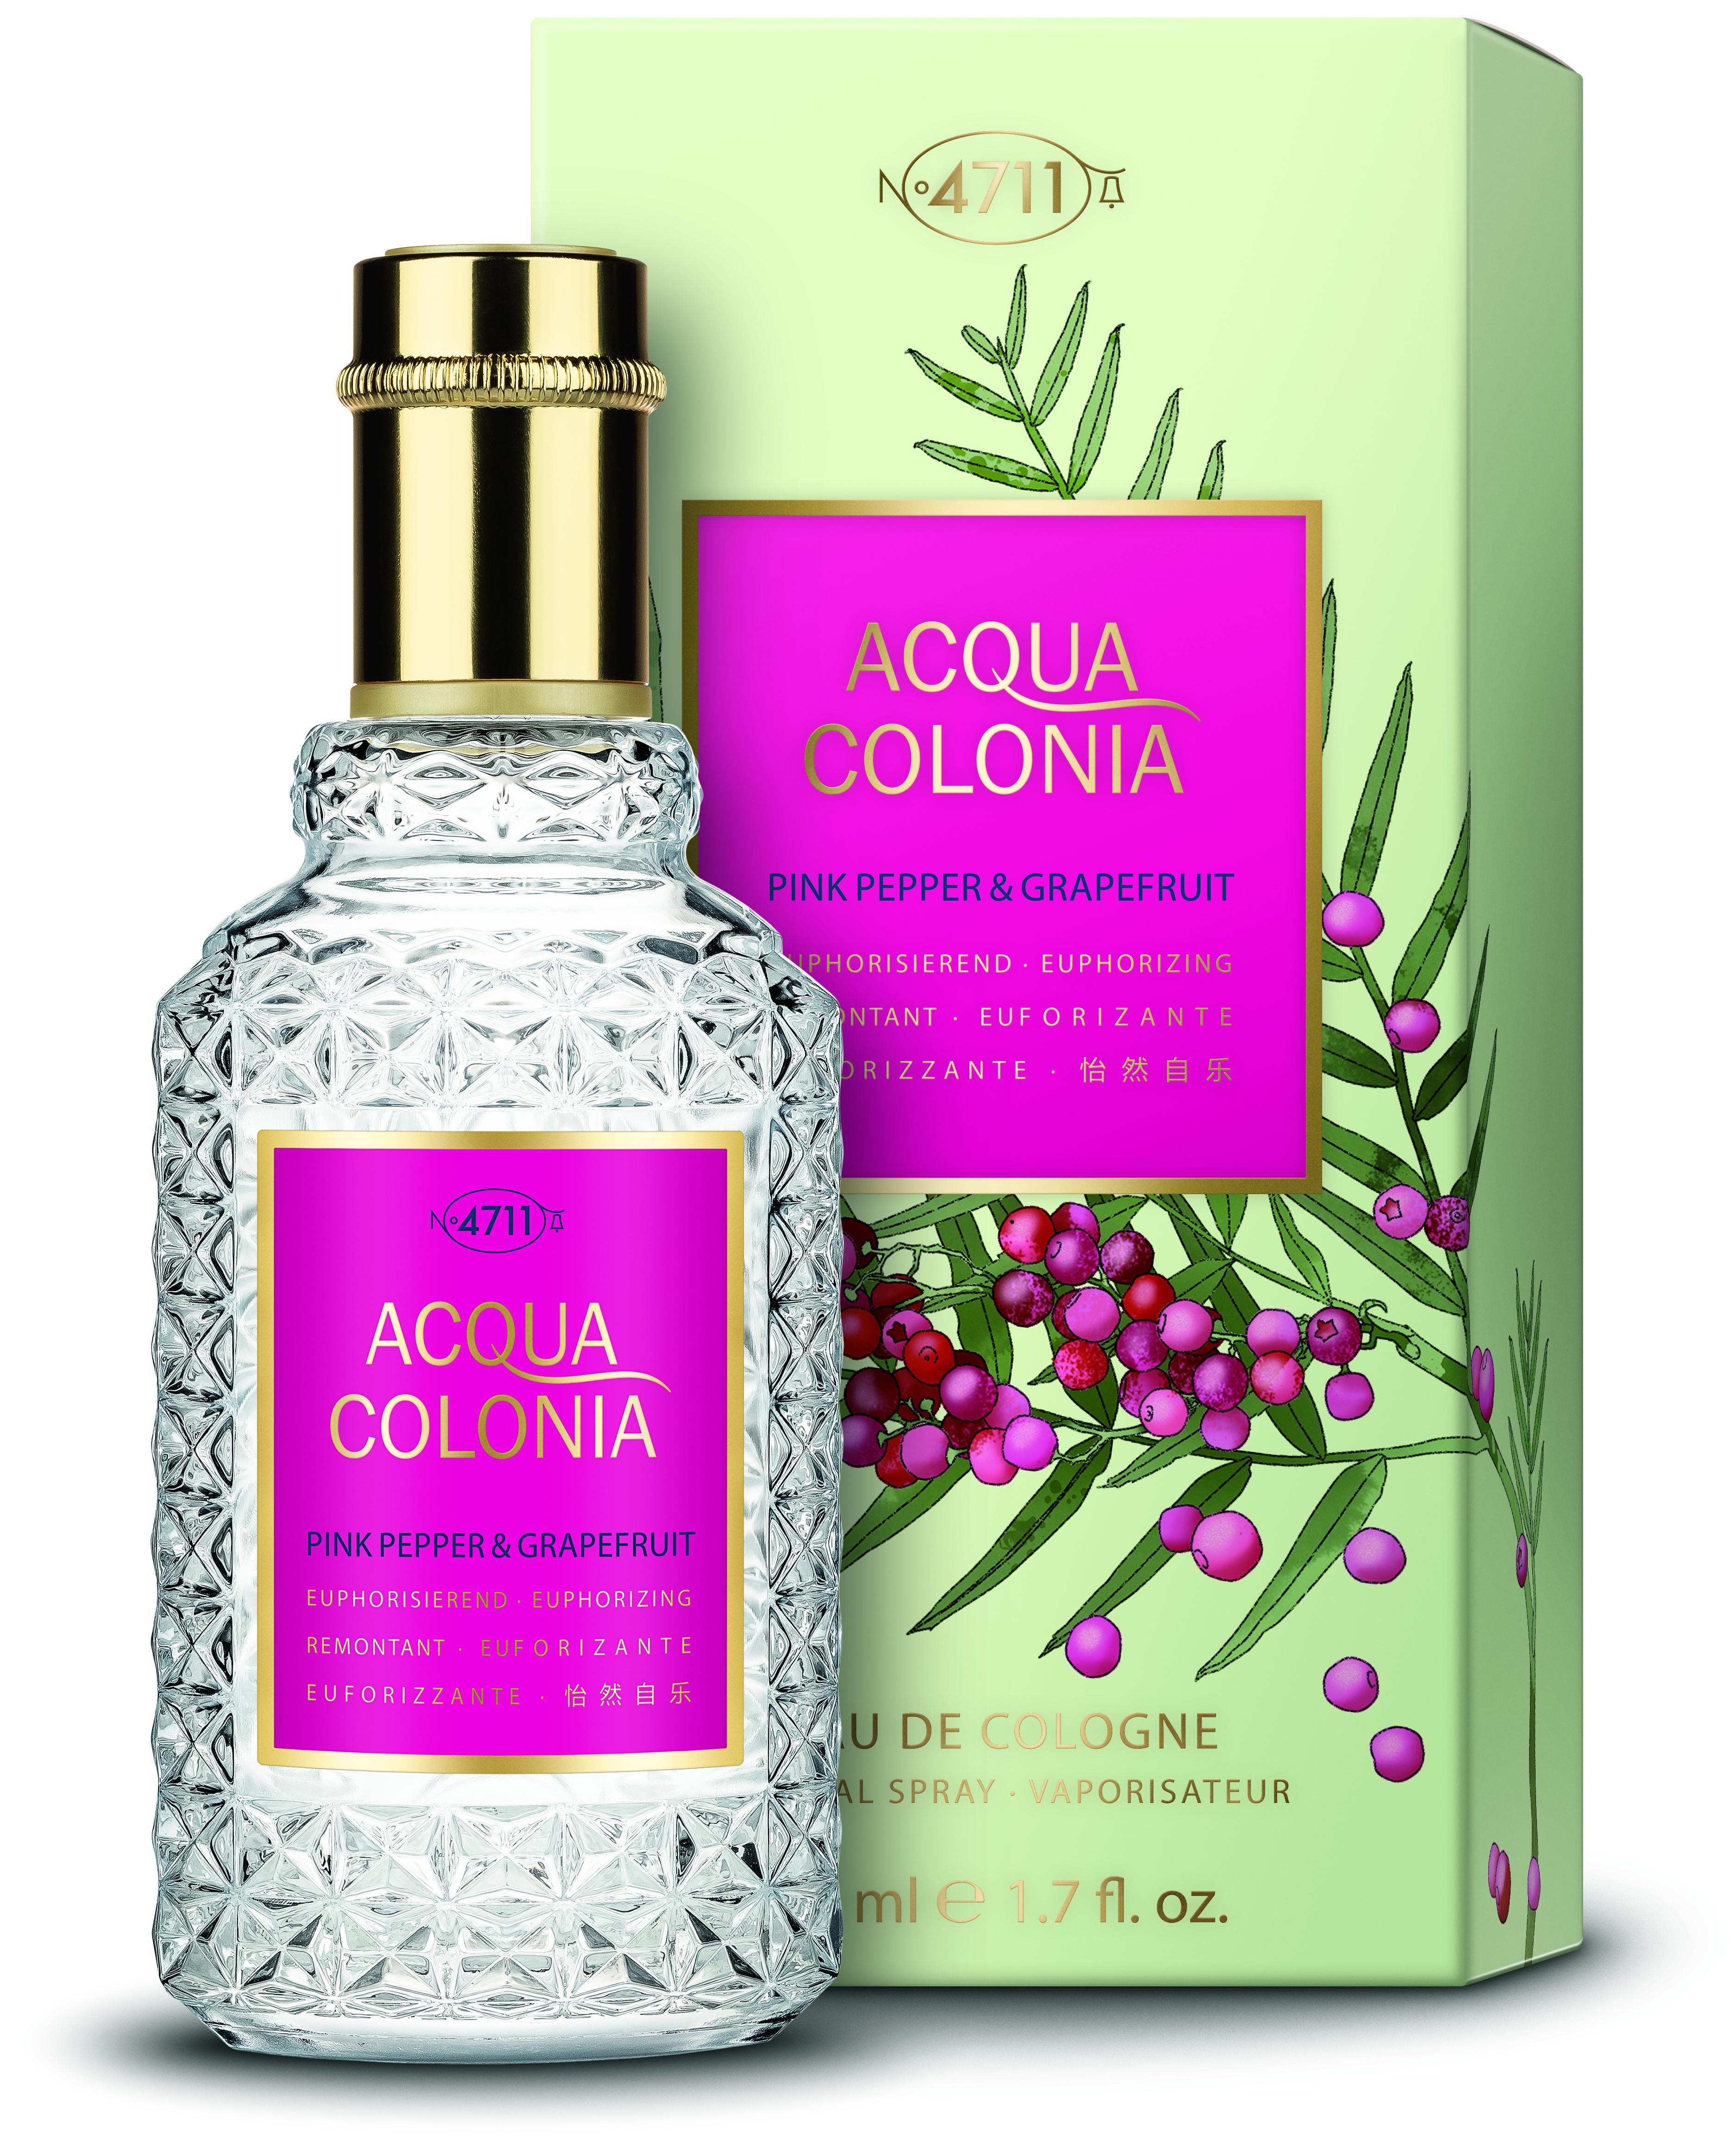 4711 Acqua Colonia Pink Pepper & Grapefruit  Eau de Cologne unisex 50 ml